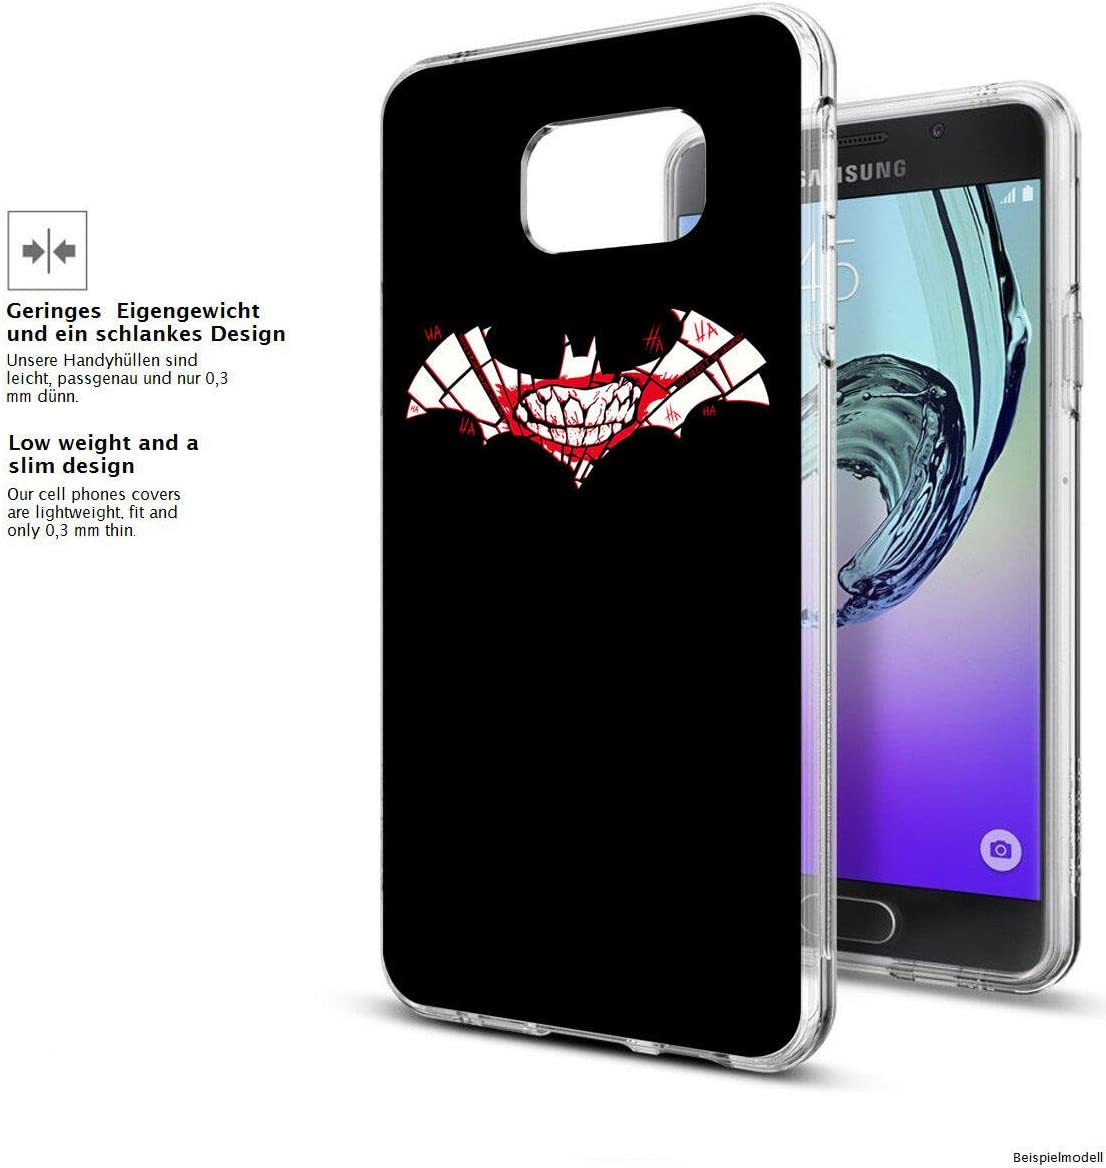 Samsung Galaxy S8 Weiche Flexible lizensierte Silikon-Handy-H/ülle Batman Joker Logo Transparente TPU Cover Schale mit Batman Motiv Finoo Tasche Case mit Ultra Slim Rundum-Schutz